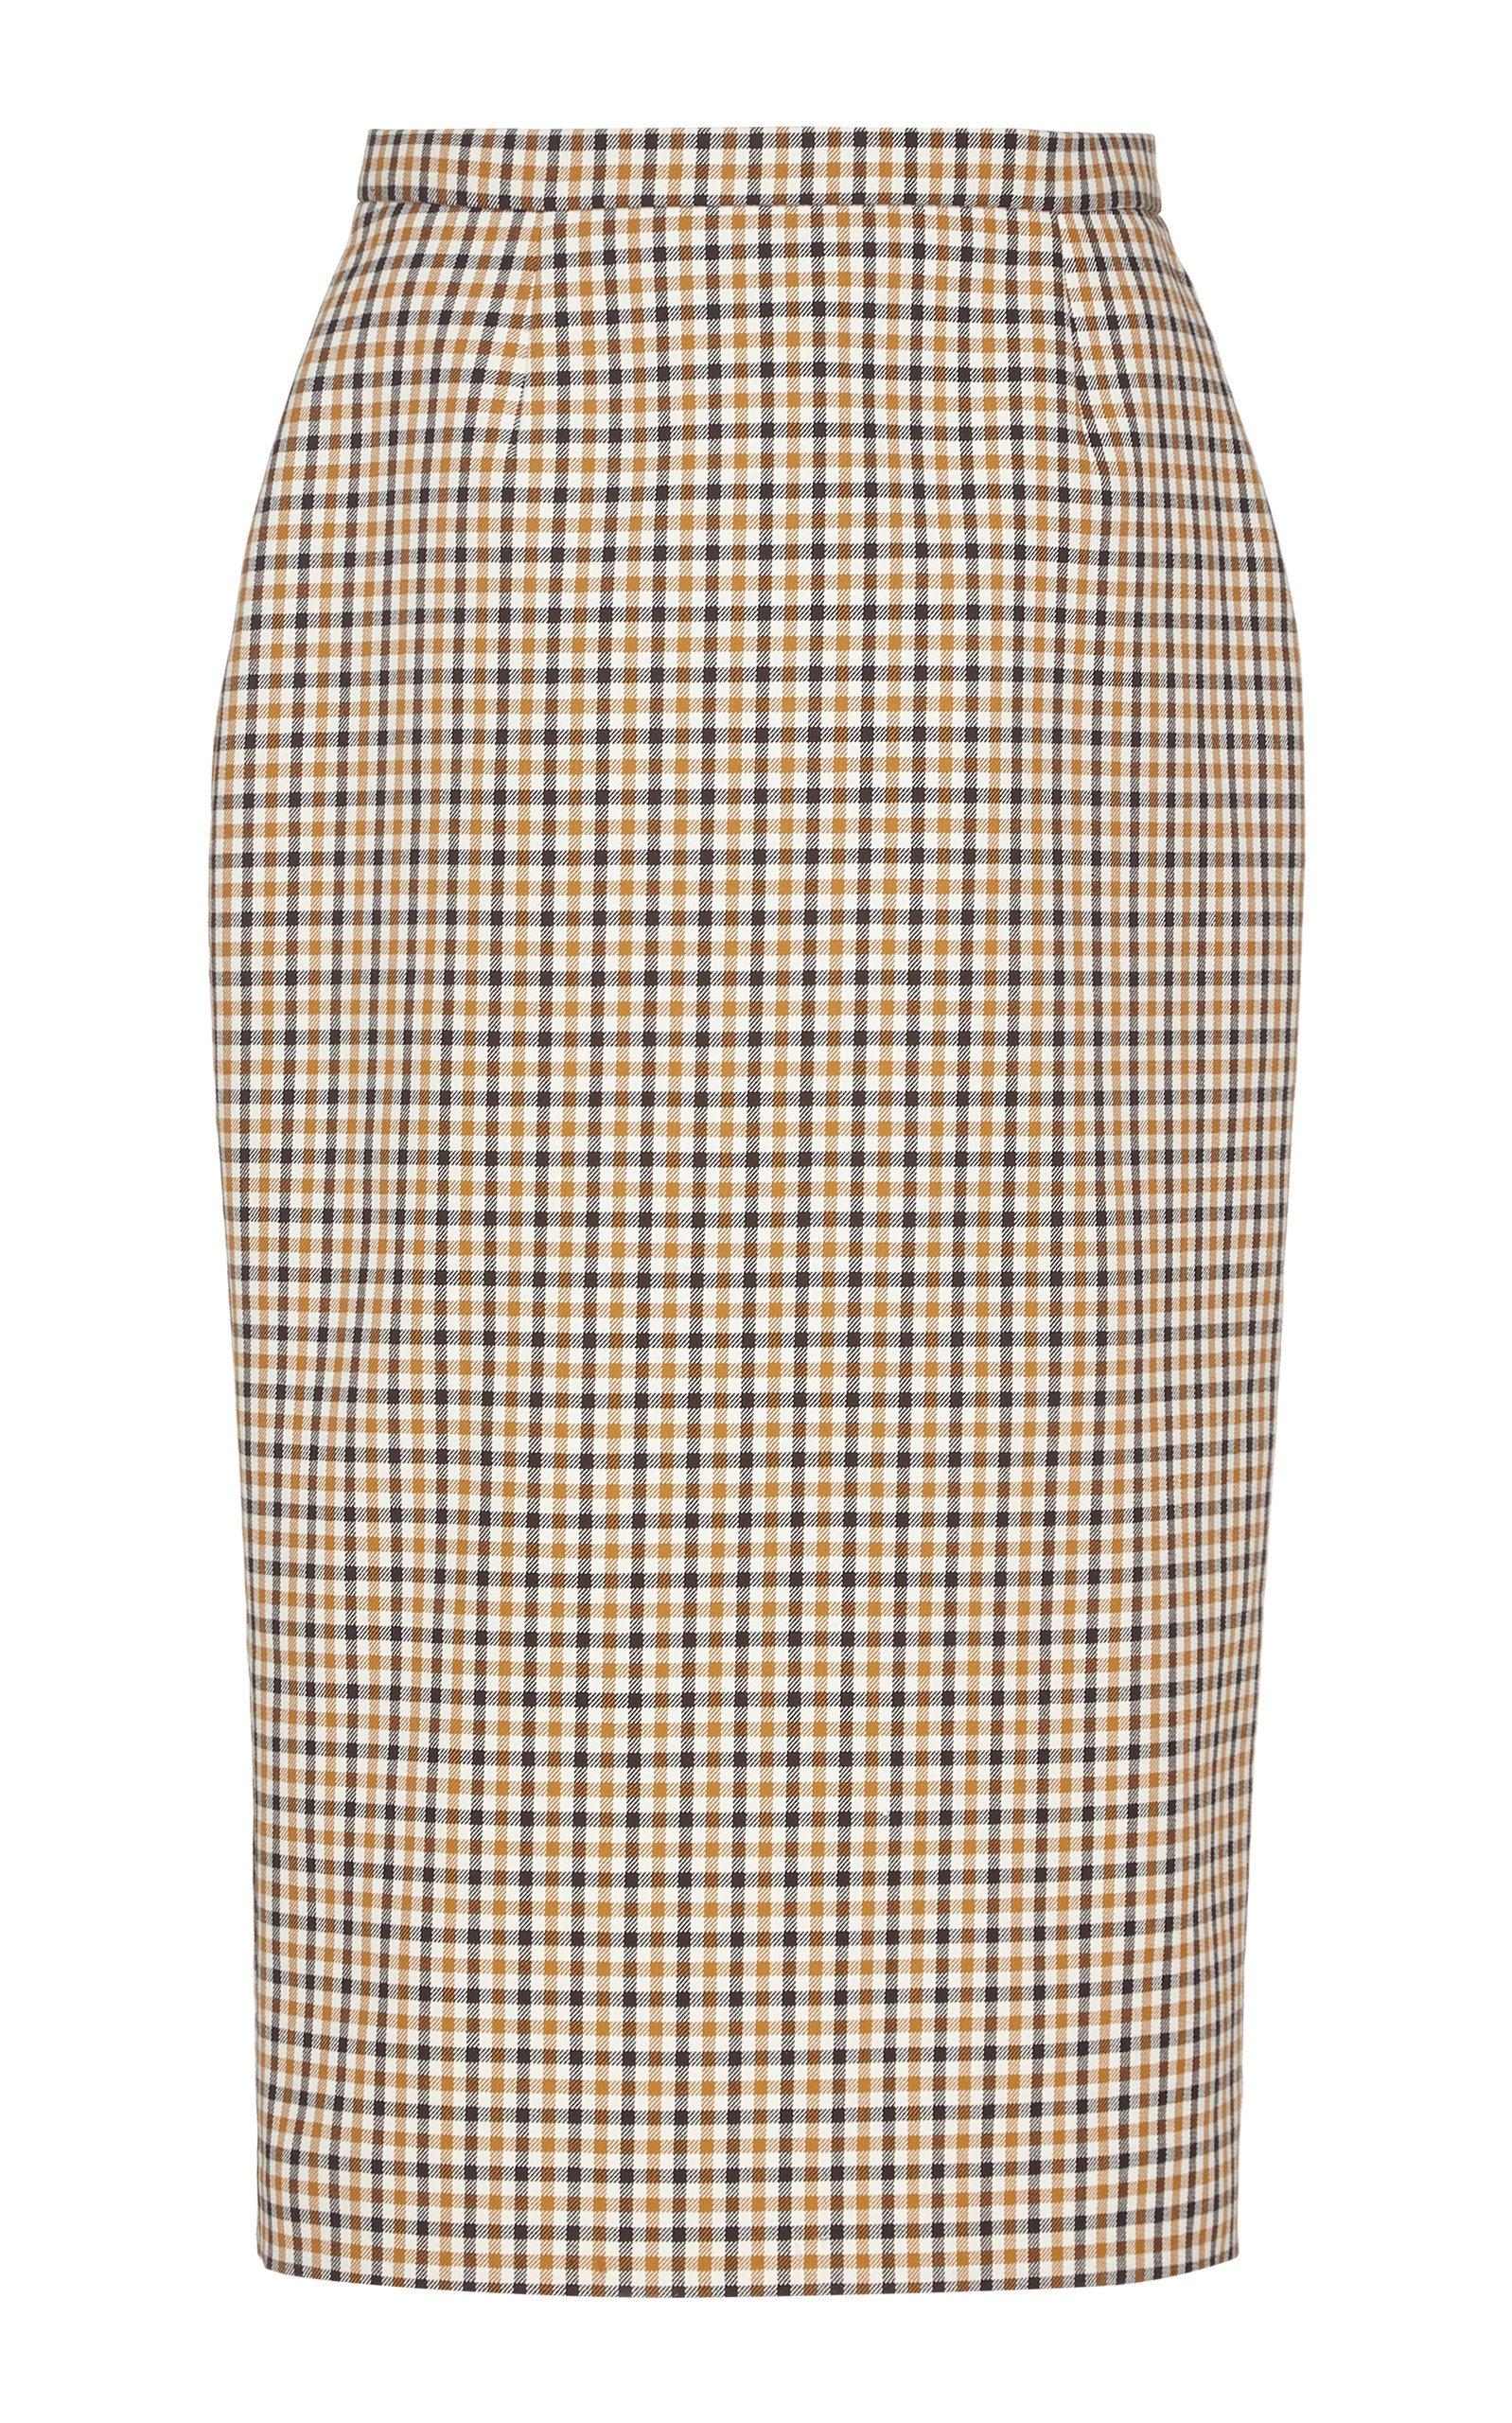 Rochas Gingham Pencil Skirt Size: 38